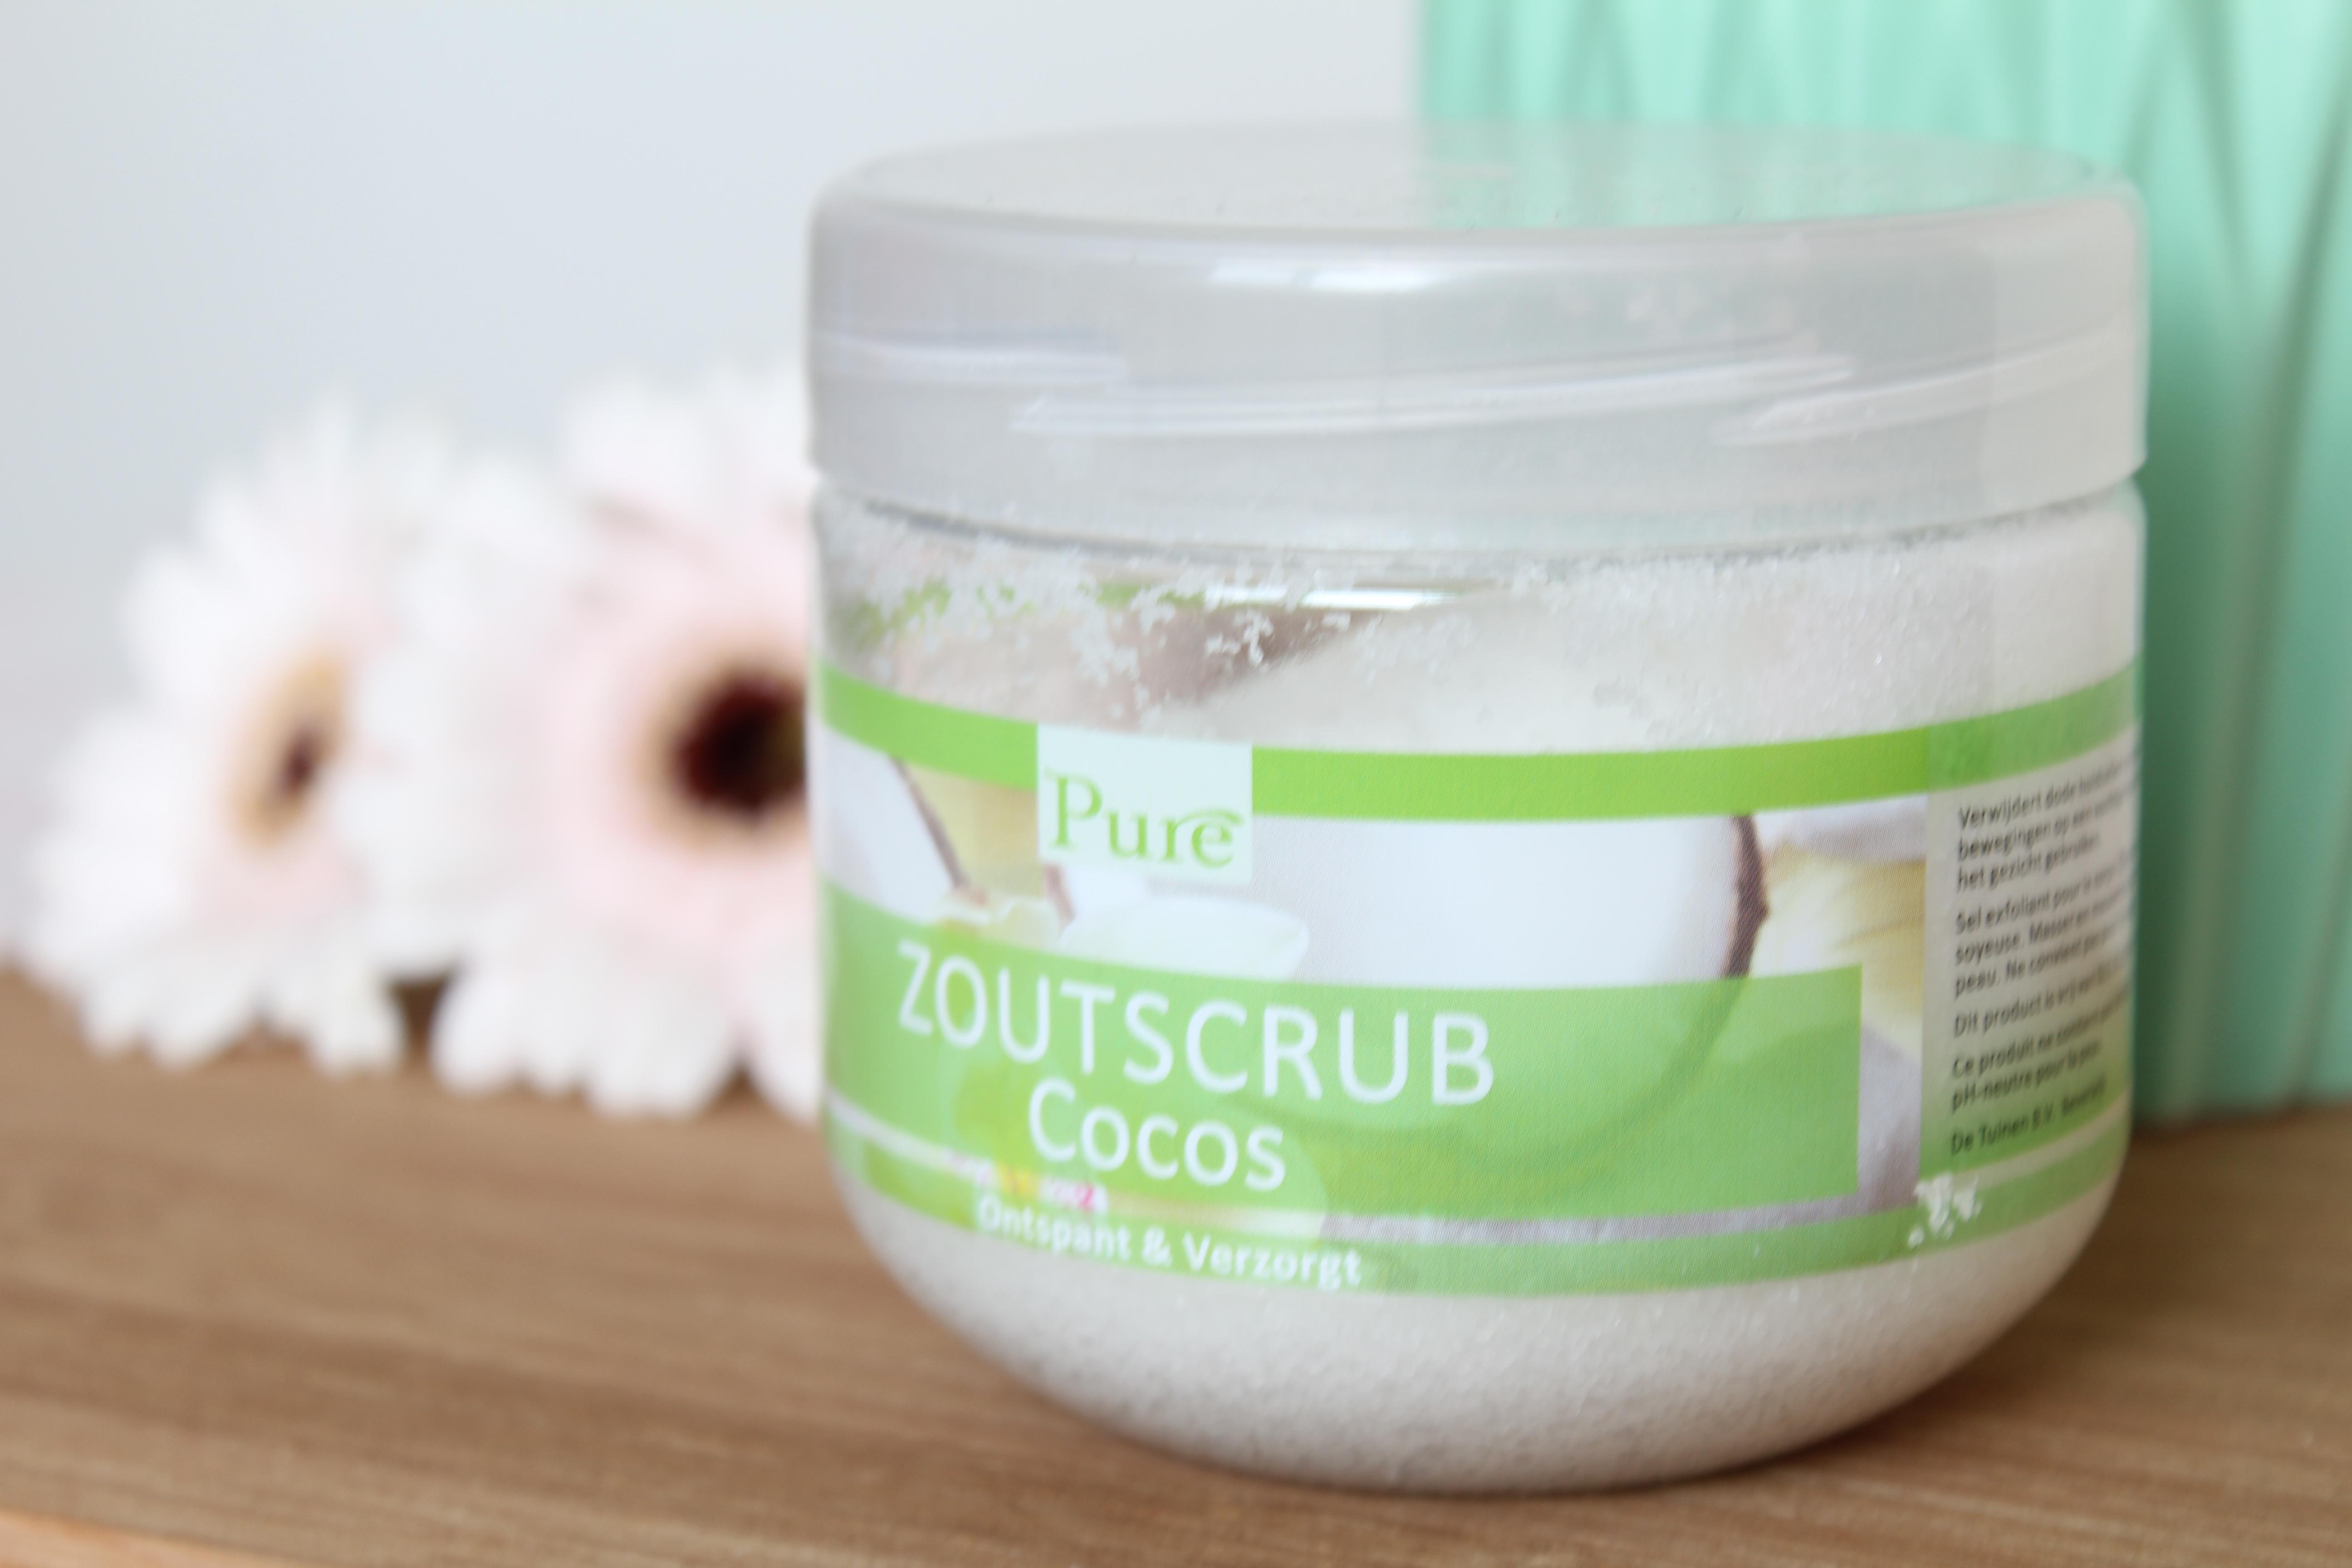 De Tuinen Zoutscrub Cocos- natuurlijke huidverzorging-natuurlijke doucheproducten-GoodGirlsCompany